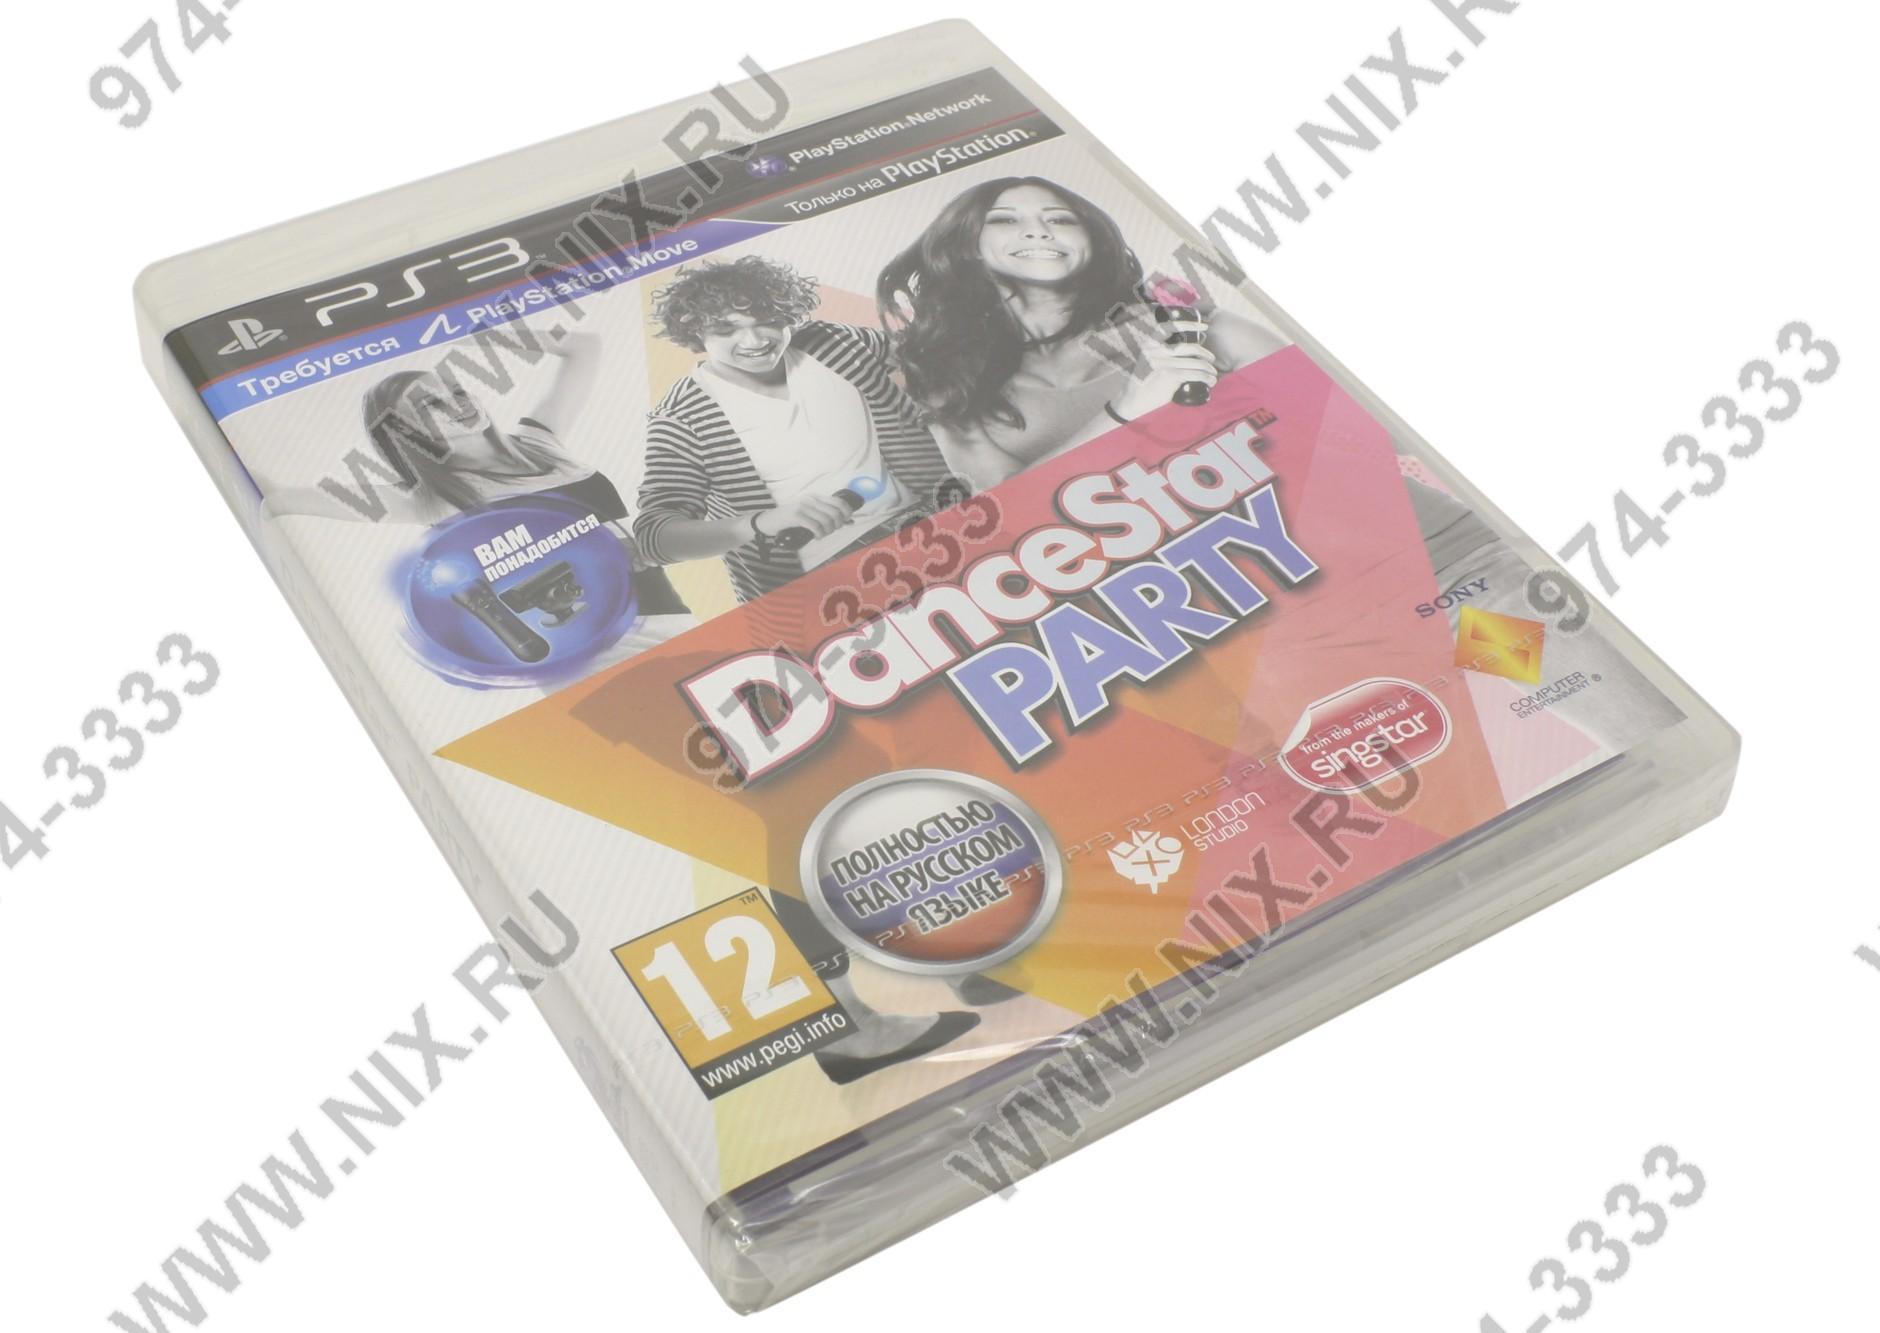 Видеоигра dancestar party